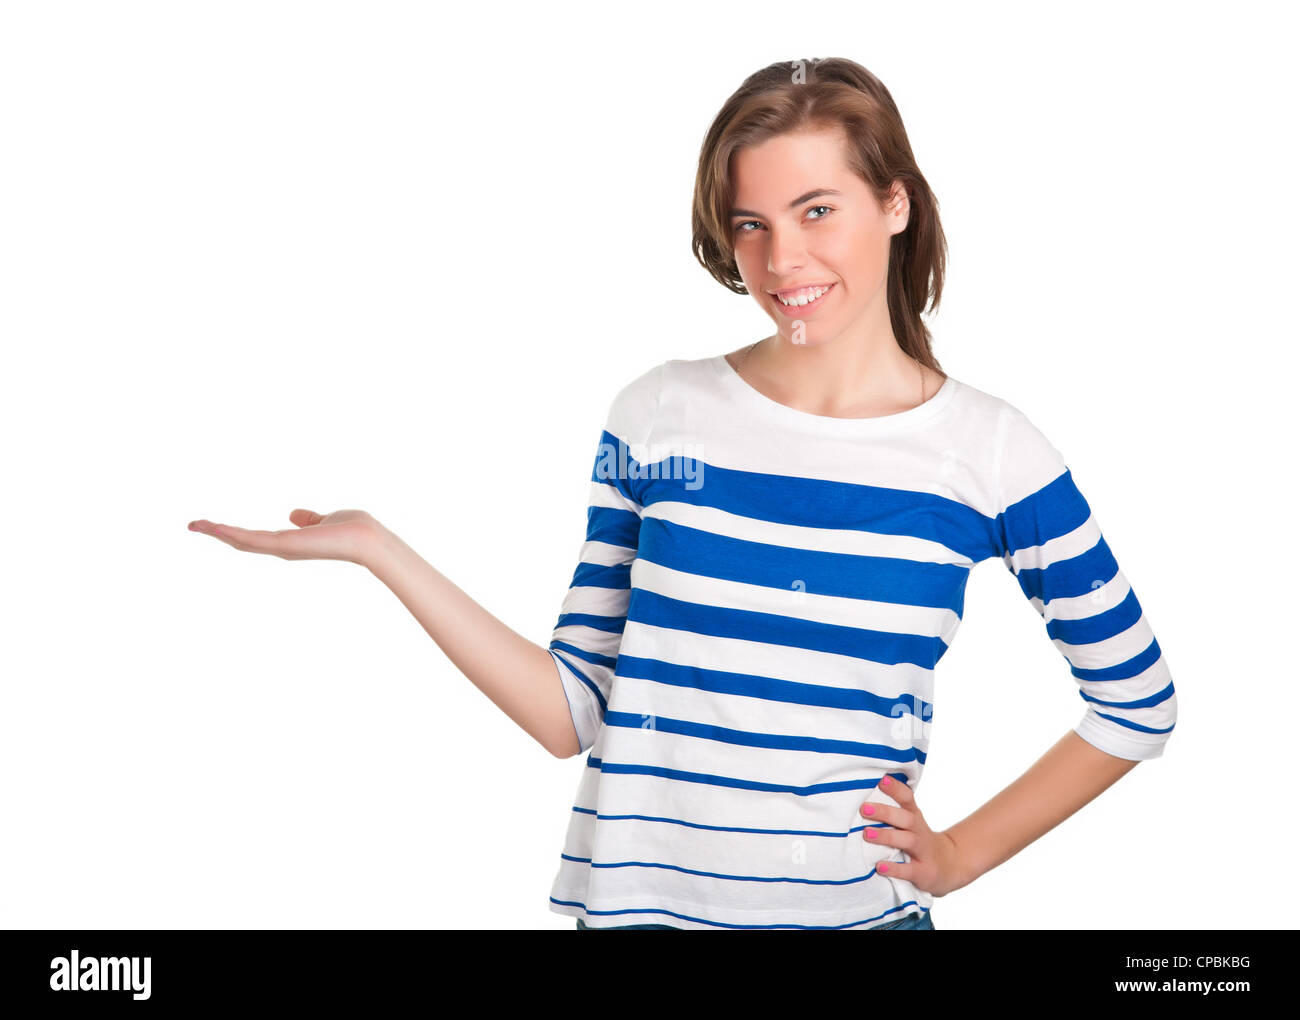 Junge Frau mit ihrer Hand ausgestreckt, als ob sie ein Produkt präsentiert Stockbild